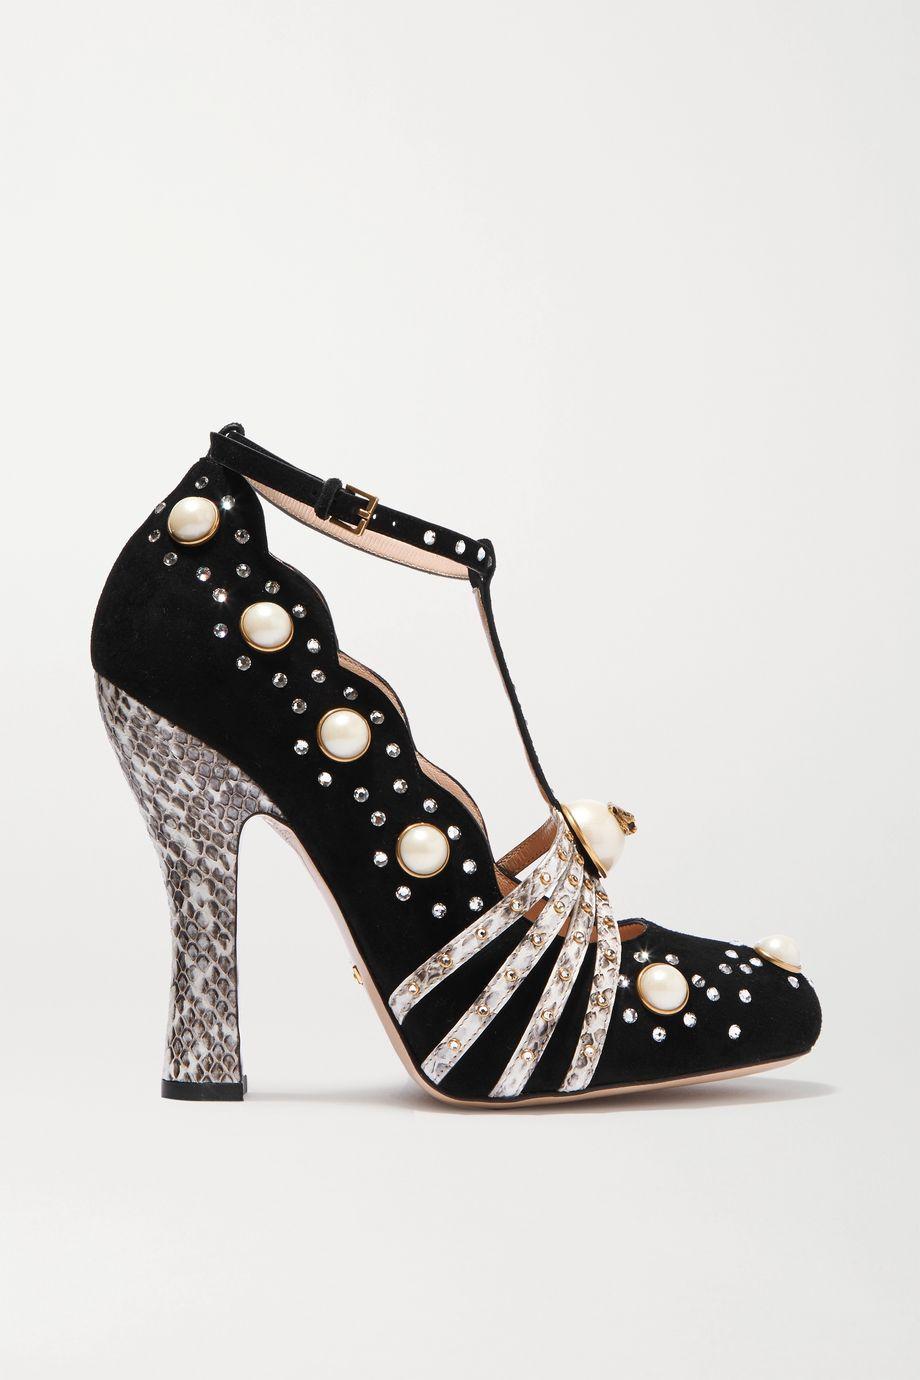 Gucci 带缀饰锦蛇皮边饰绒面革高跟鞋